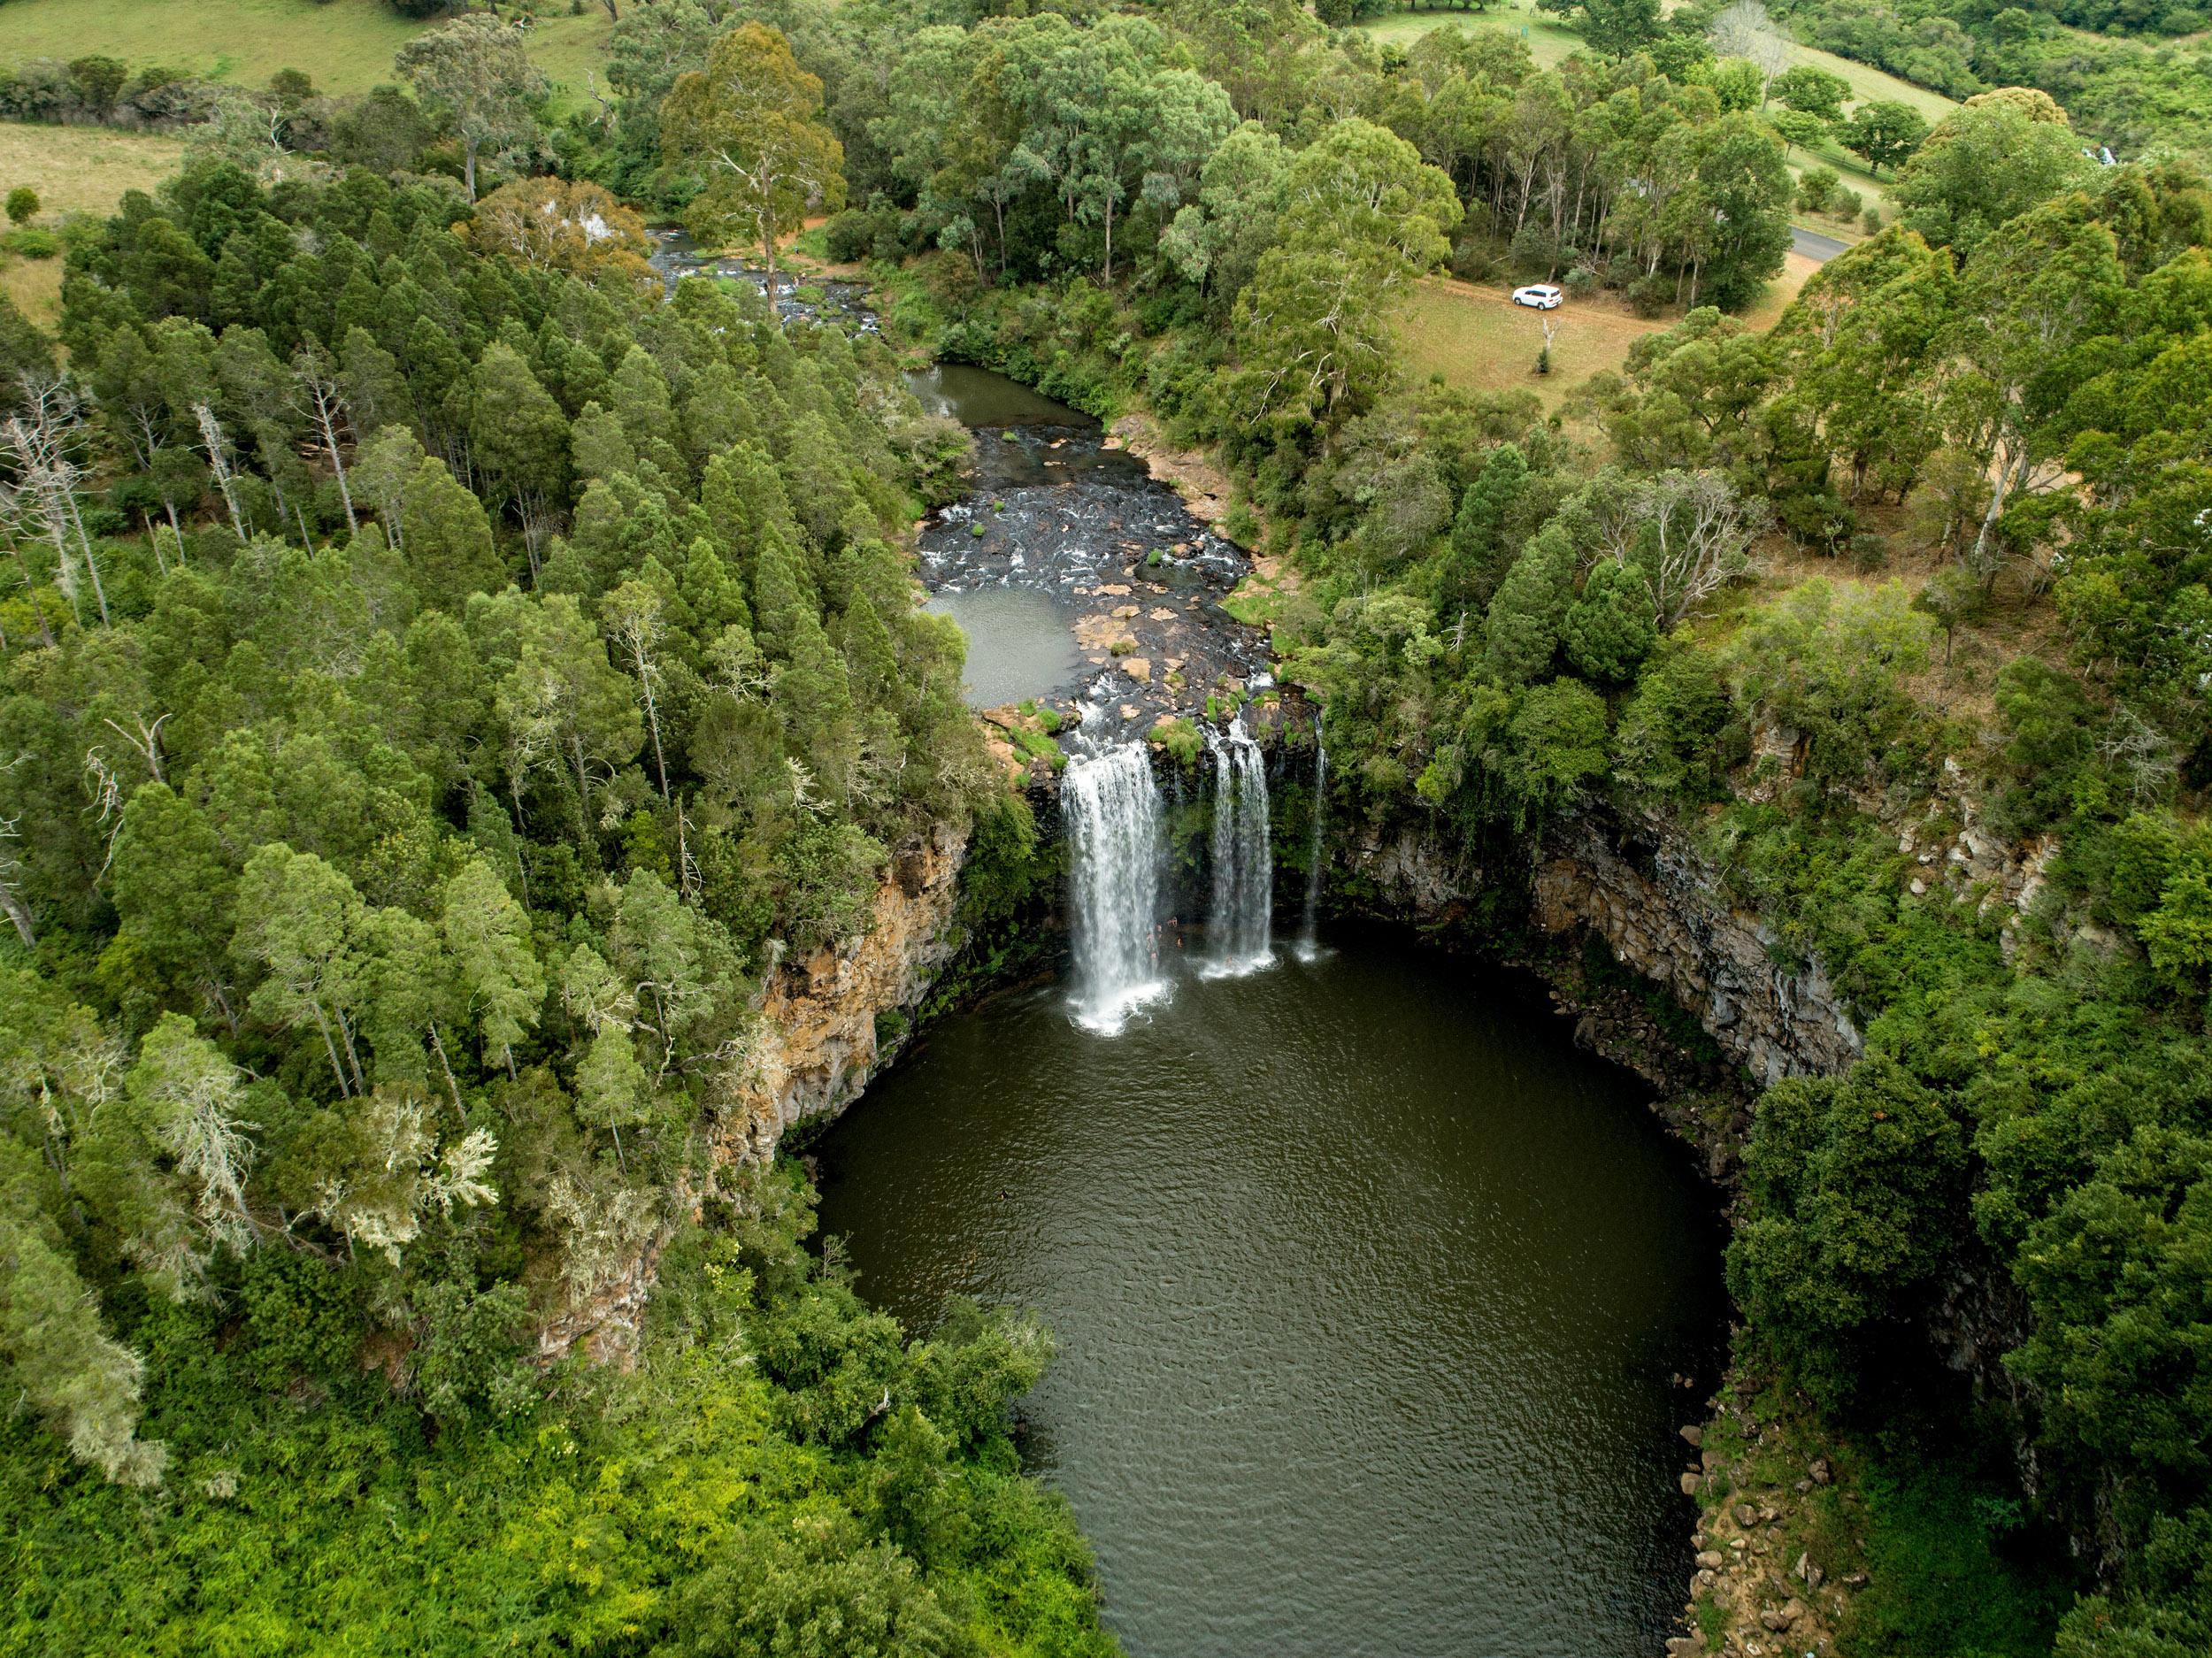 dangar-falls-drone-shot.jpg